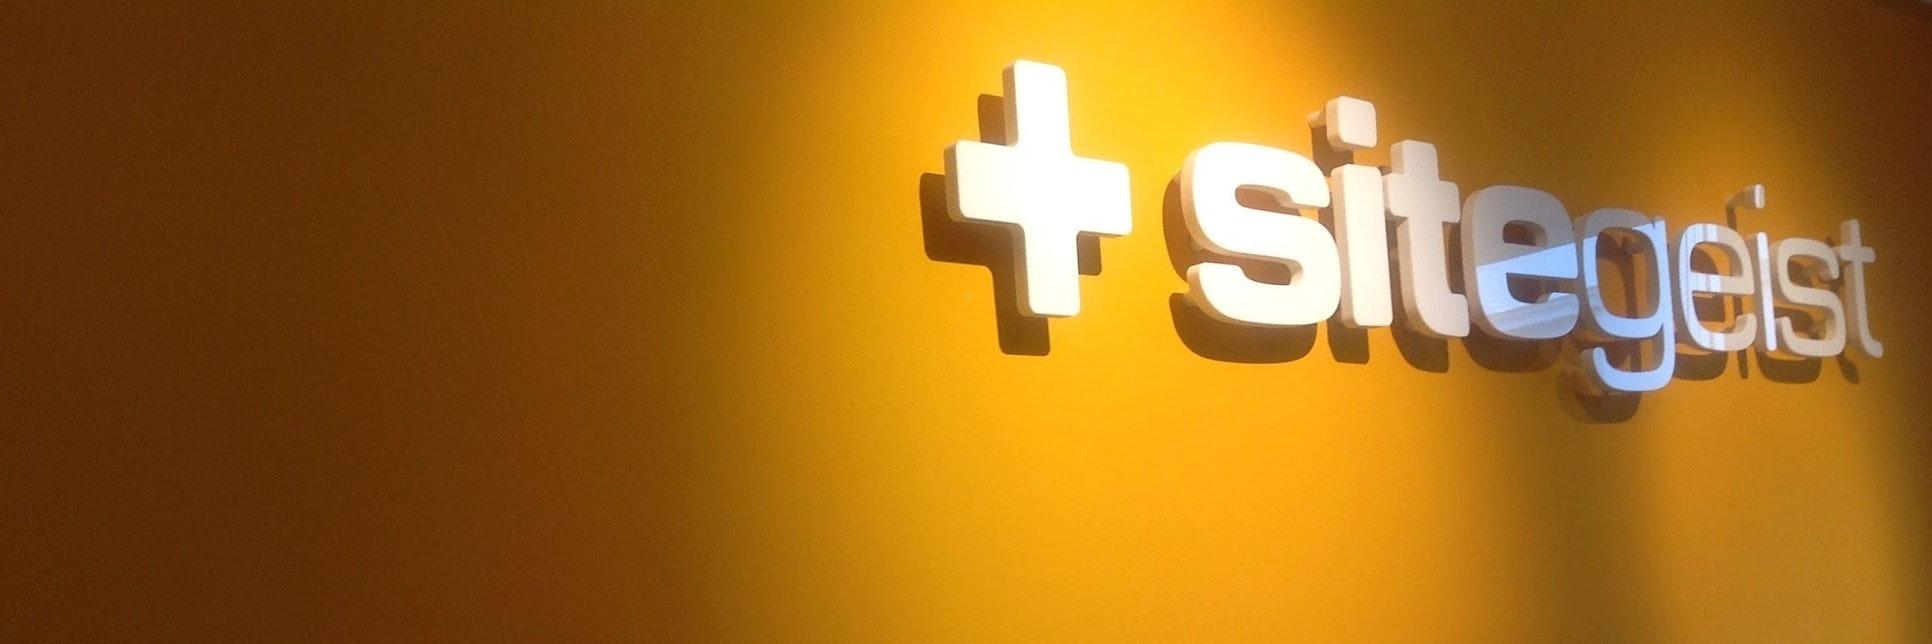 sitegeist media solutions GmbH